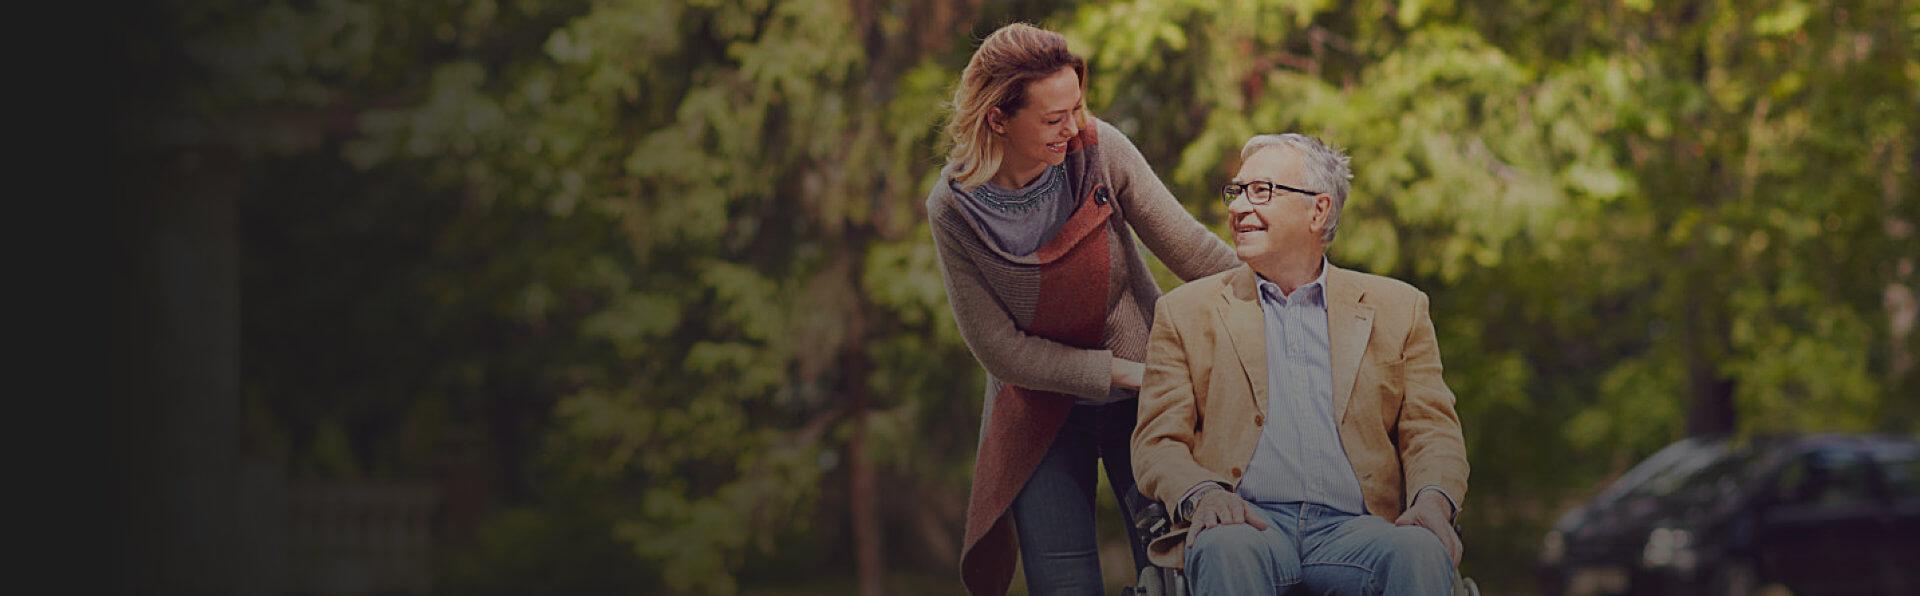 caregiver assisting old man